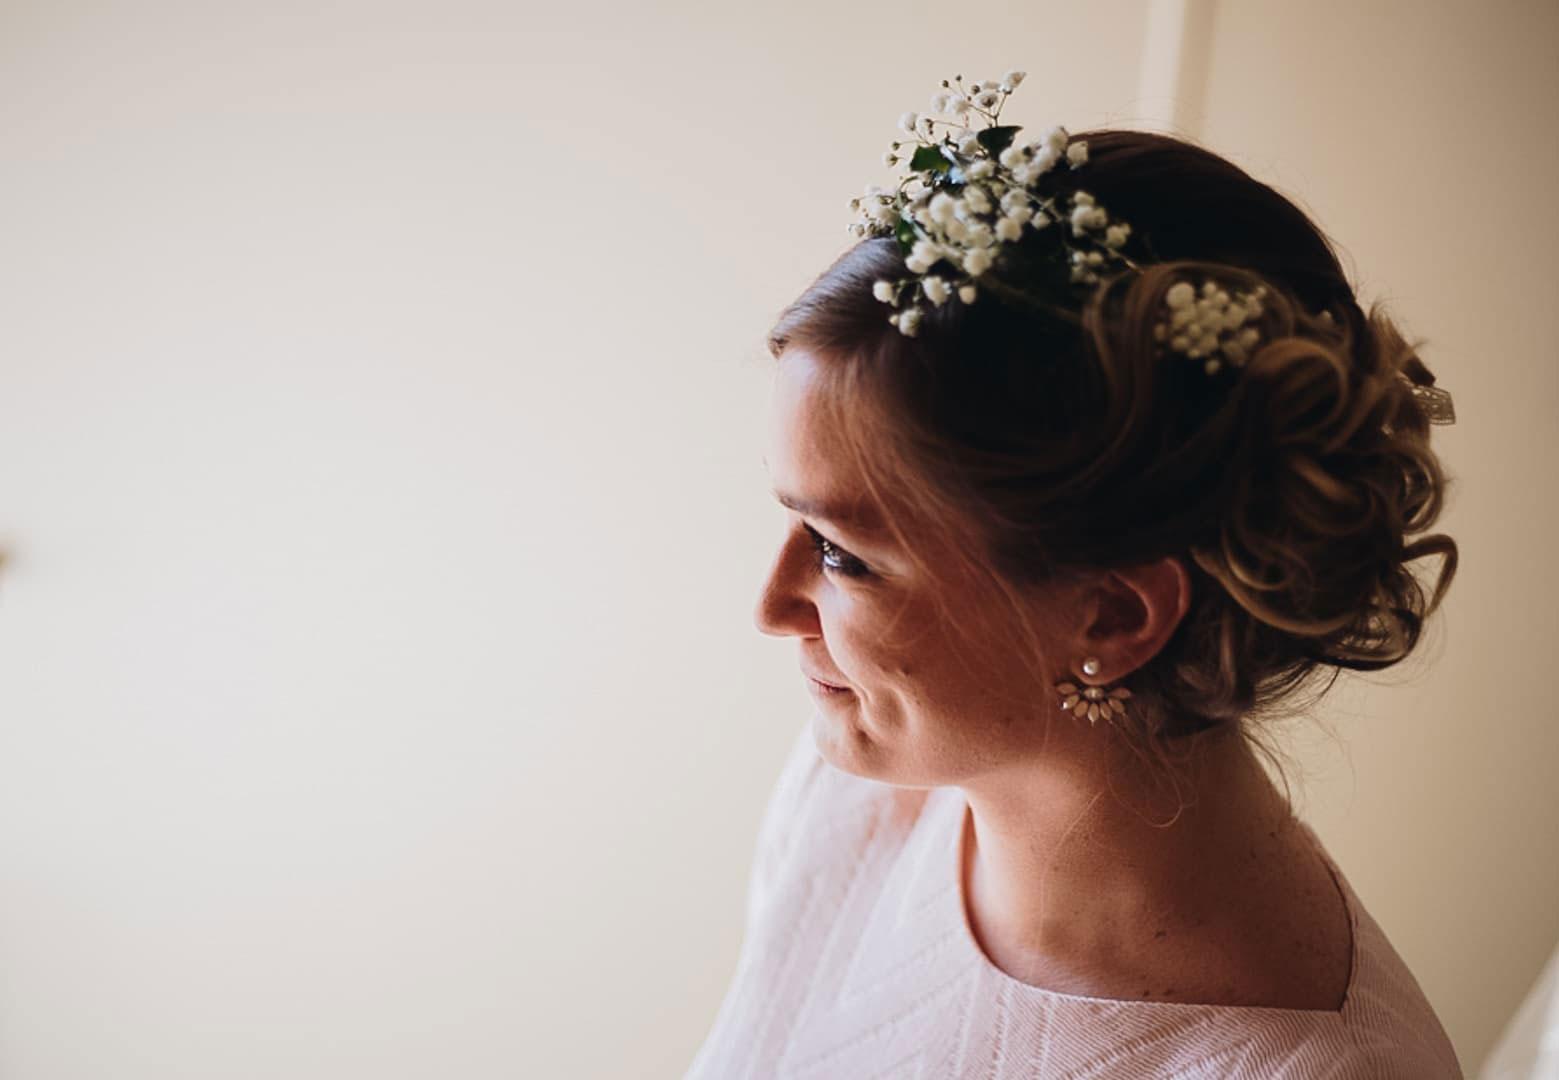 audelemaitre-photographe-mariage-lyon08